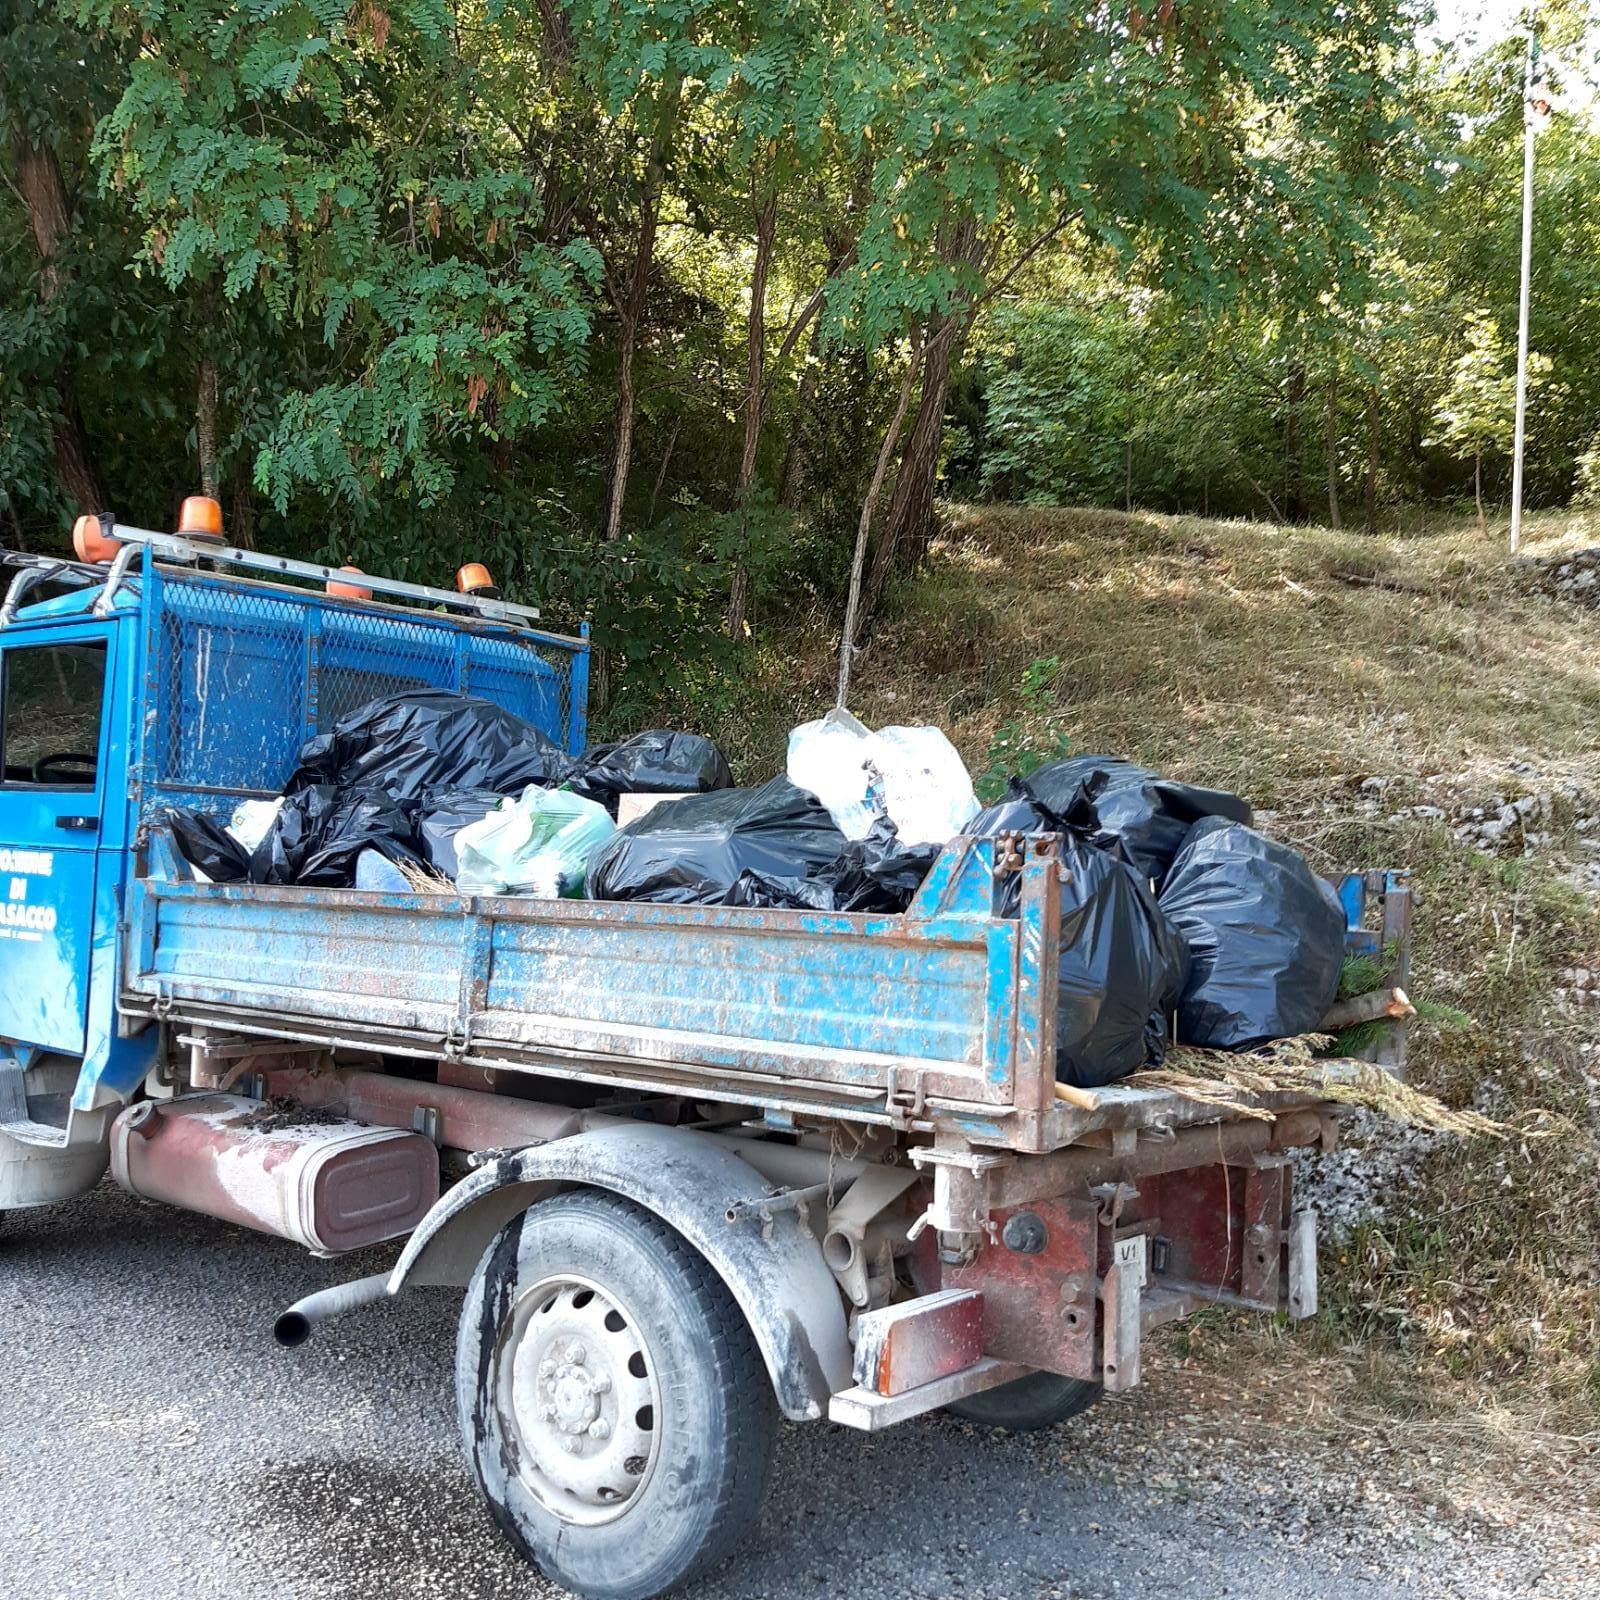 Ripulita la zona della Madonna di Candelecchia a Trasacco dopo il Ferragosto: un camioncino pieno di rifiuti